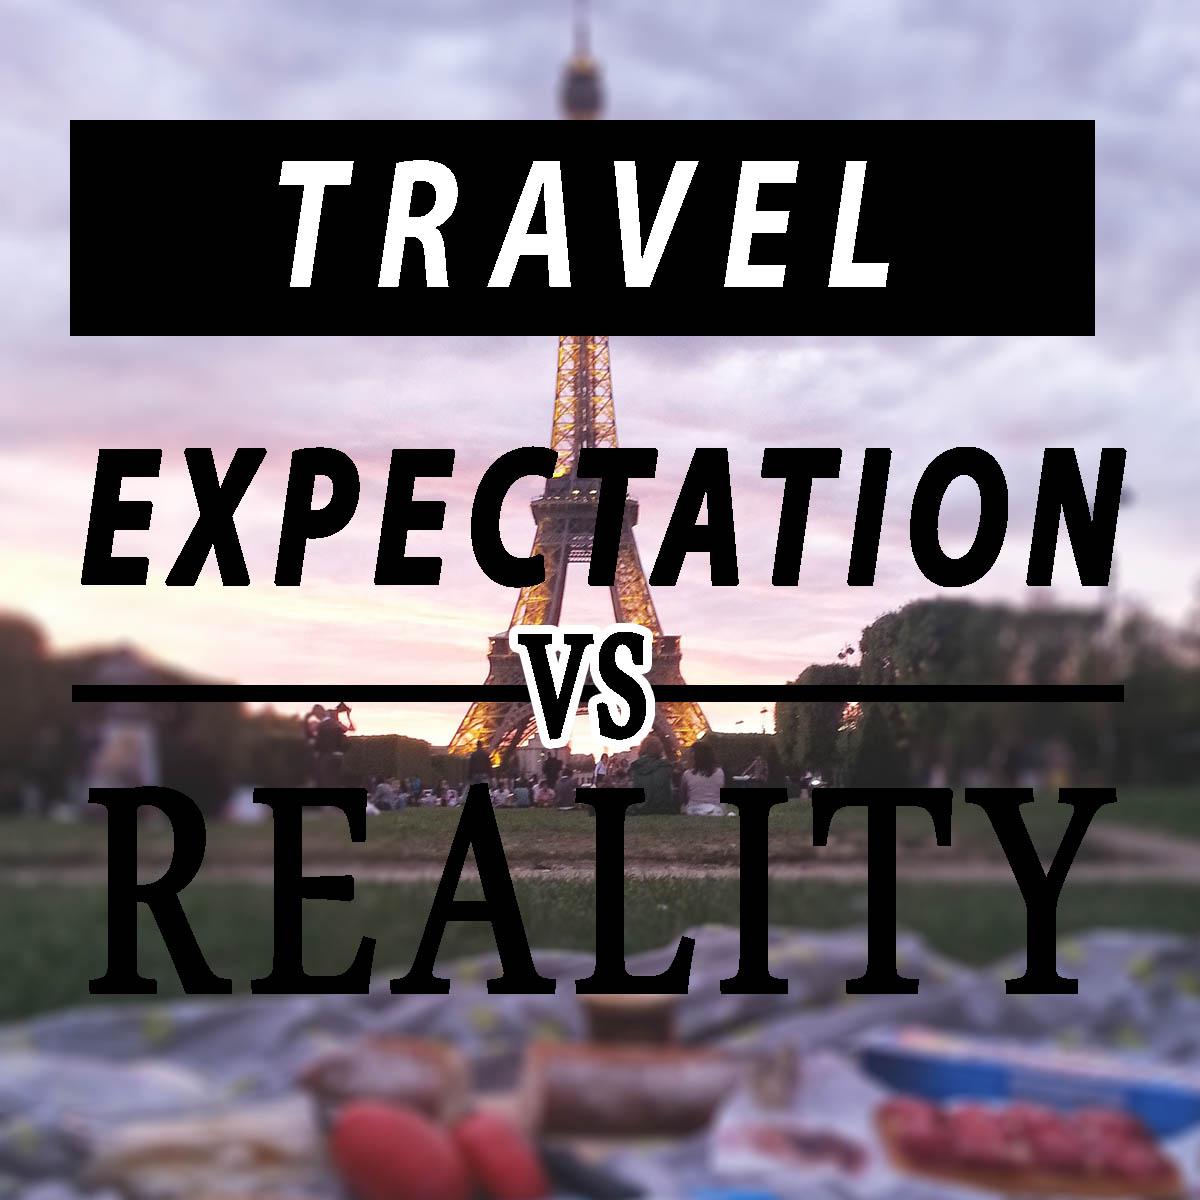 expecatation vs reality